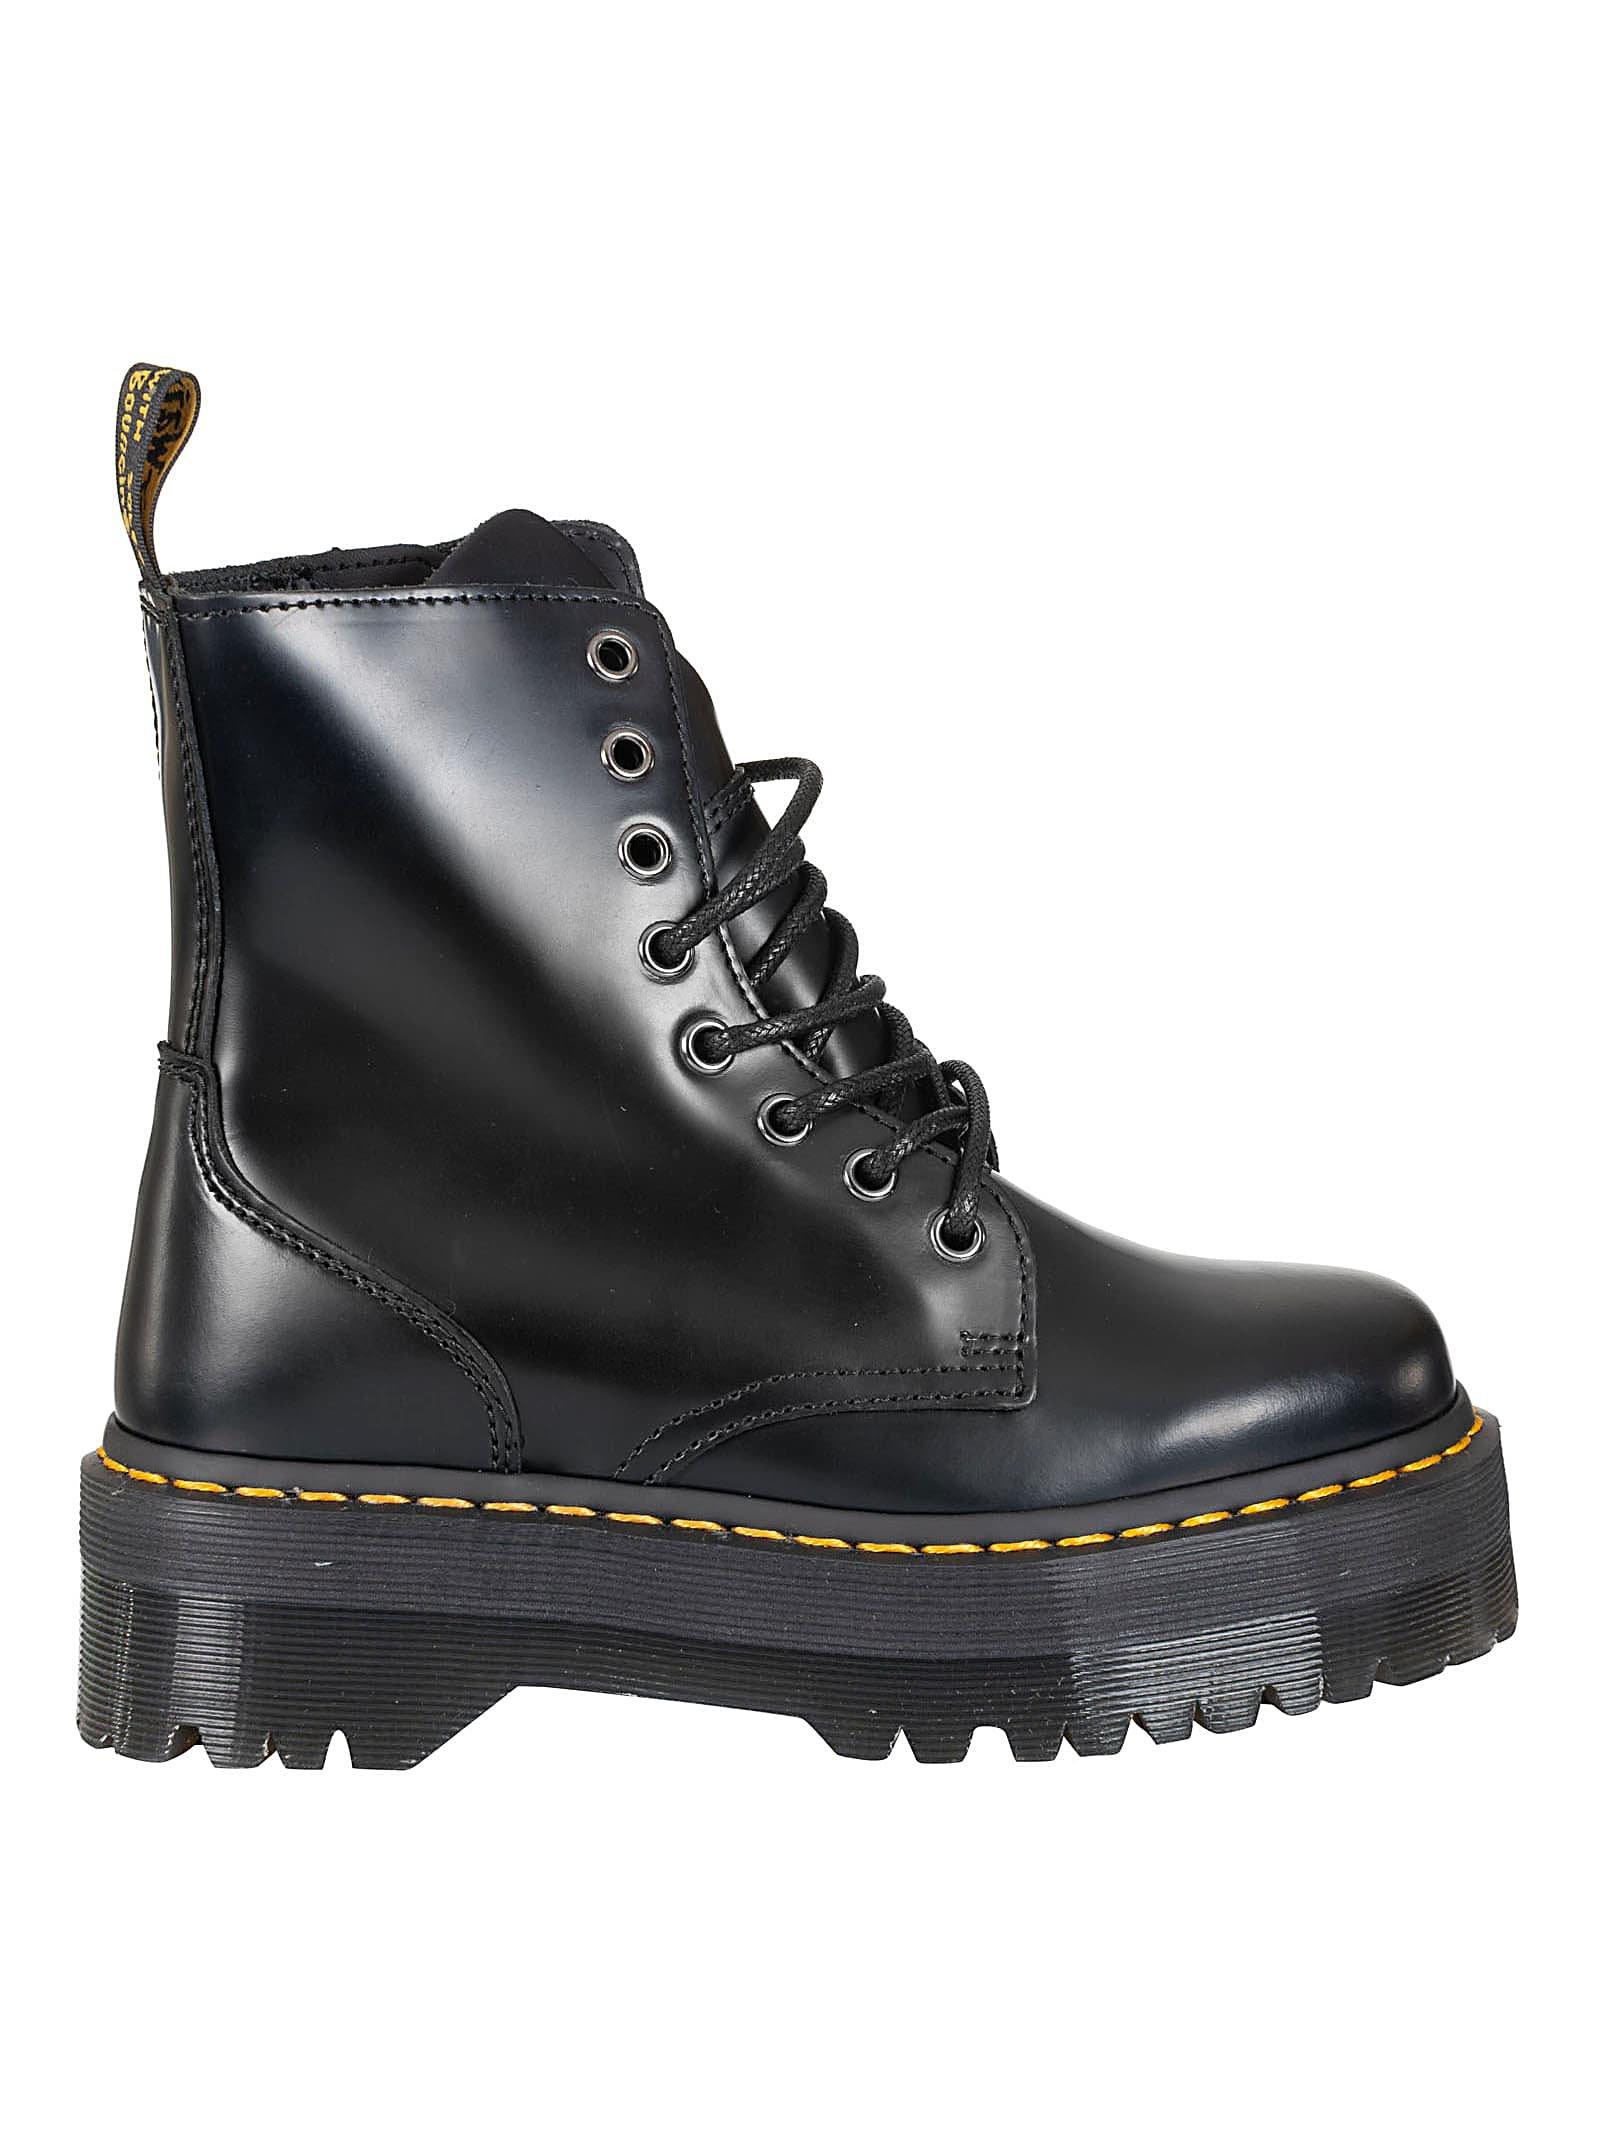 Dr. Martens Jadon Lace Up Boots